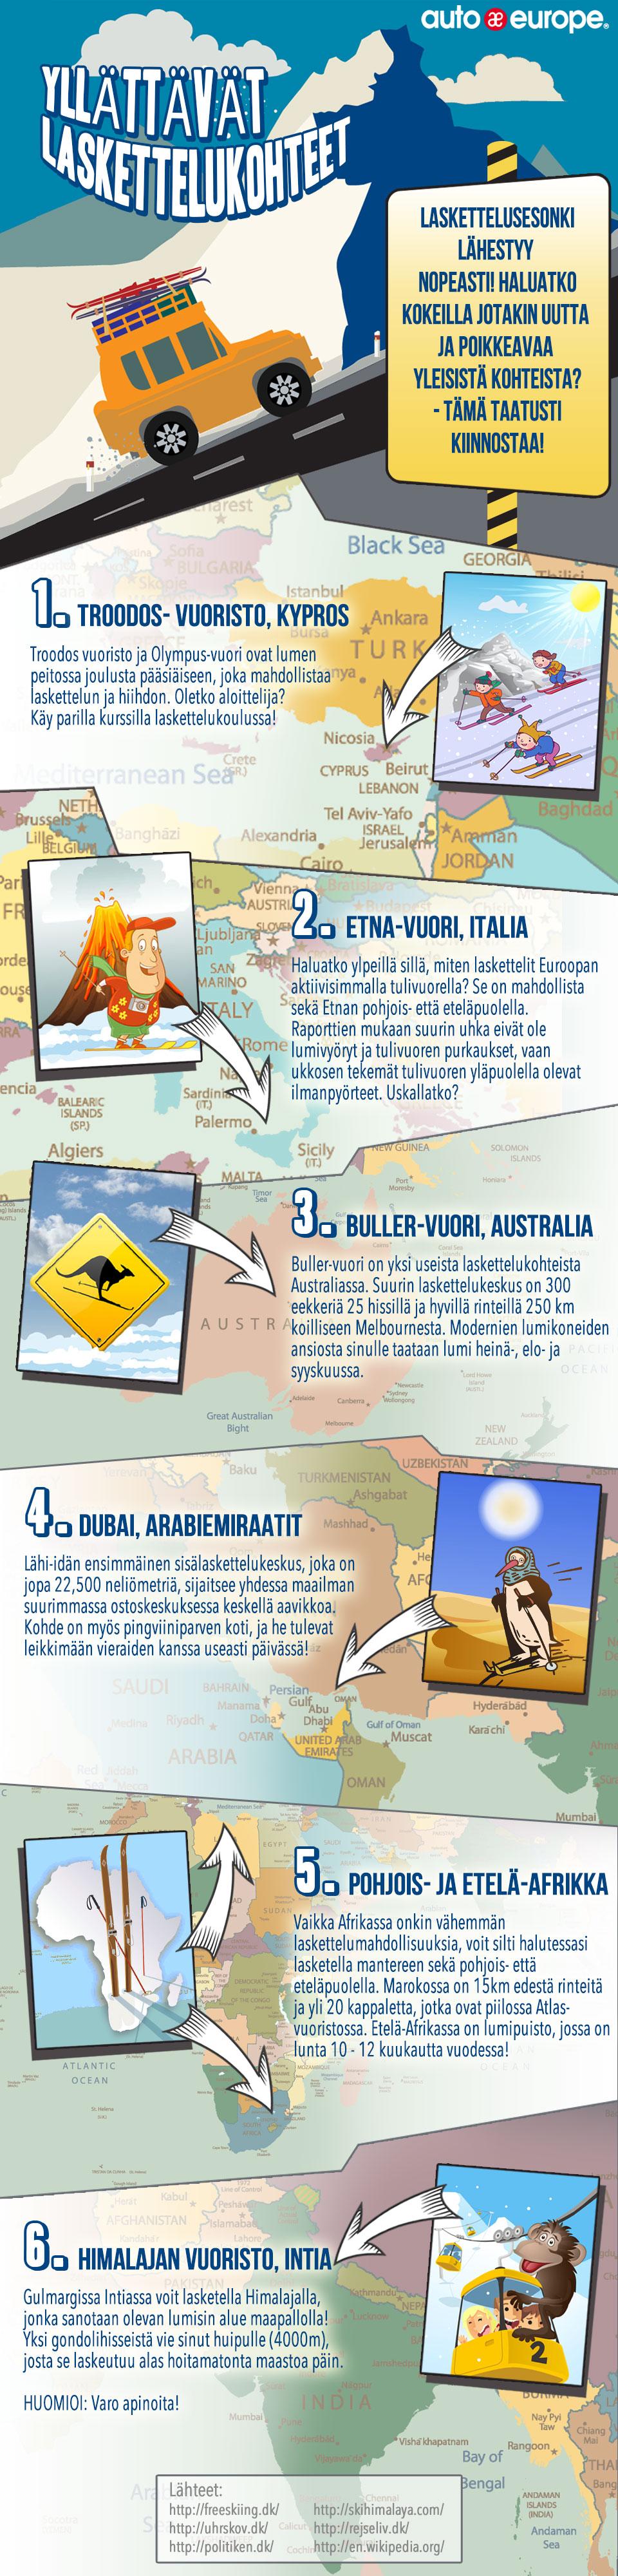 Infografiikka: Yllättävät laskettelukohteet